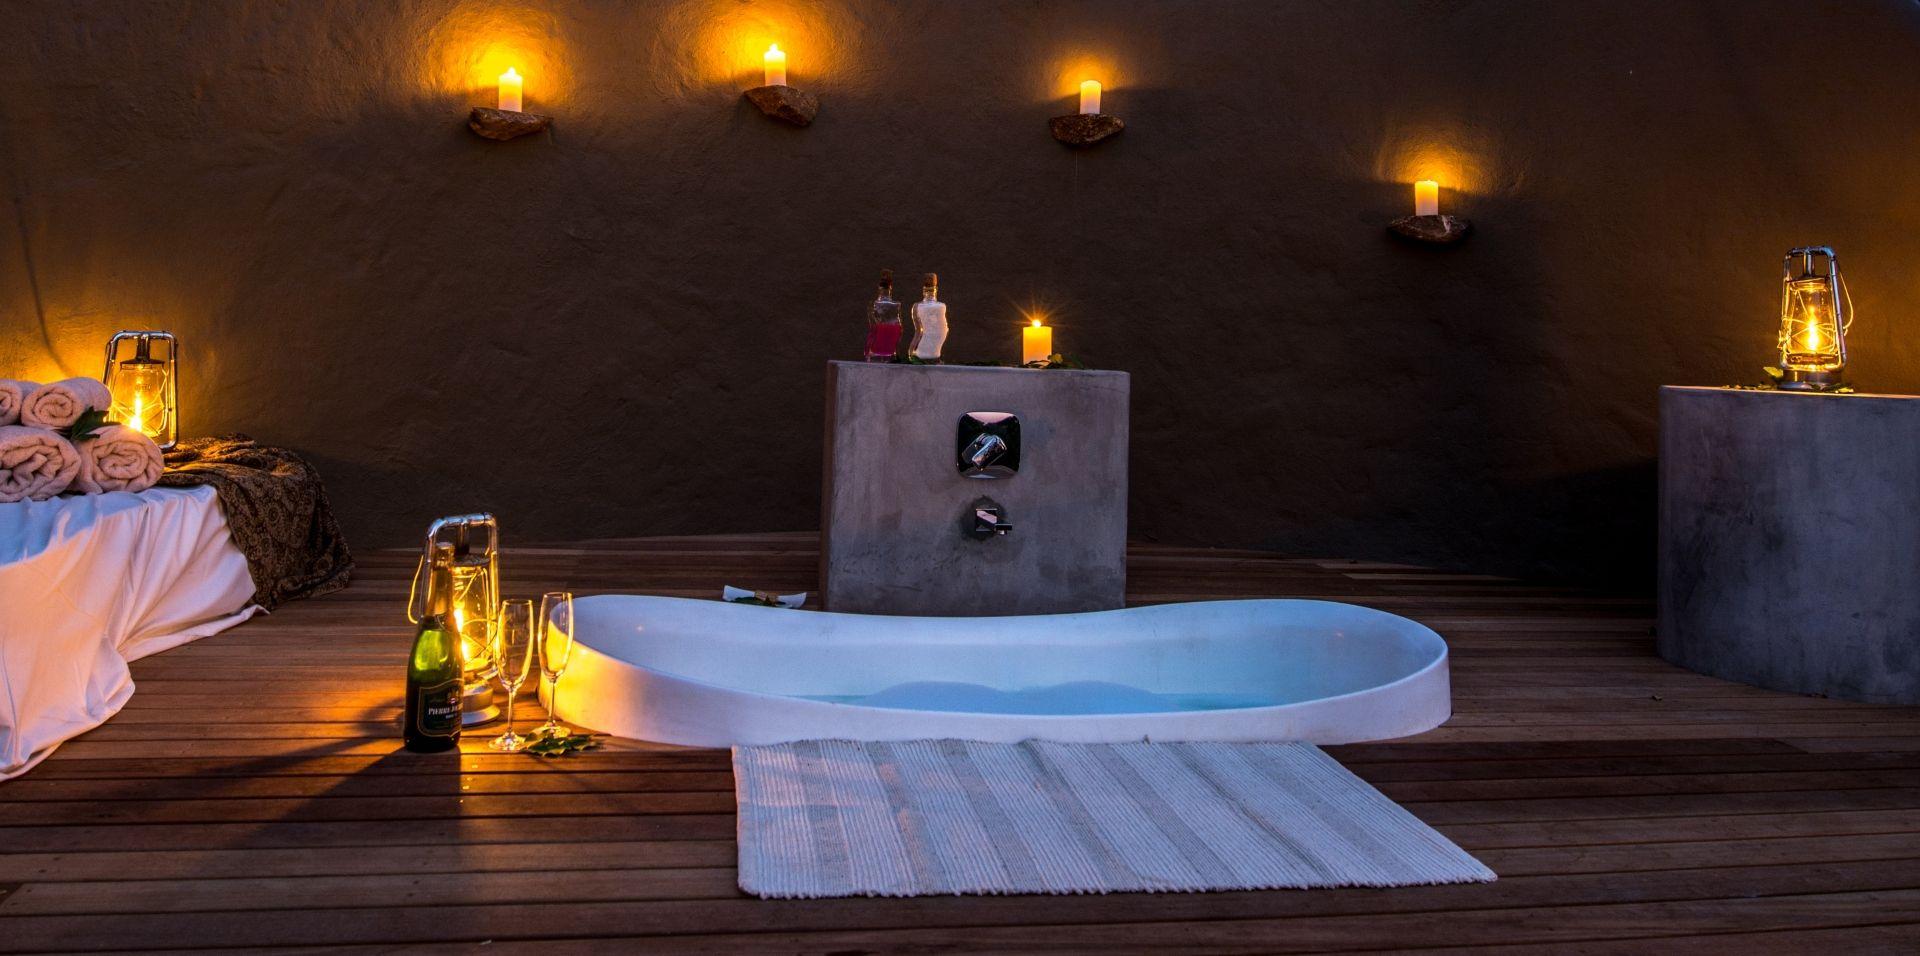 Bush bath setting